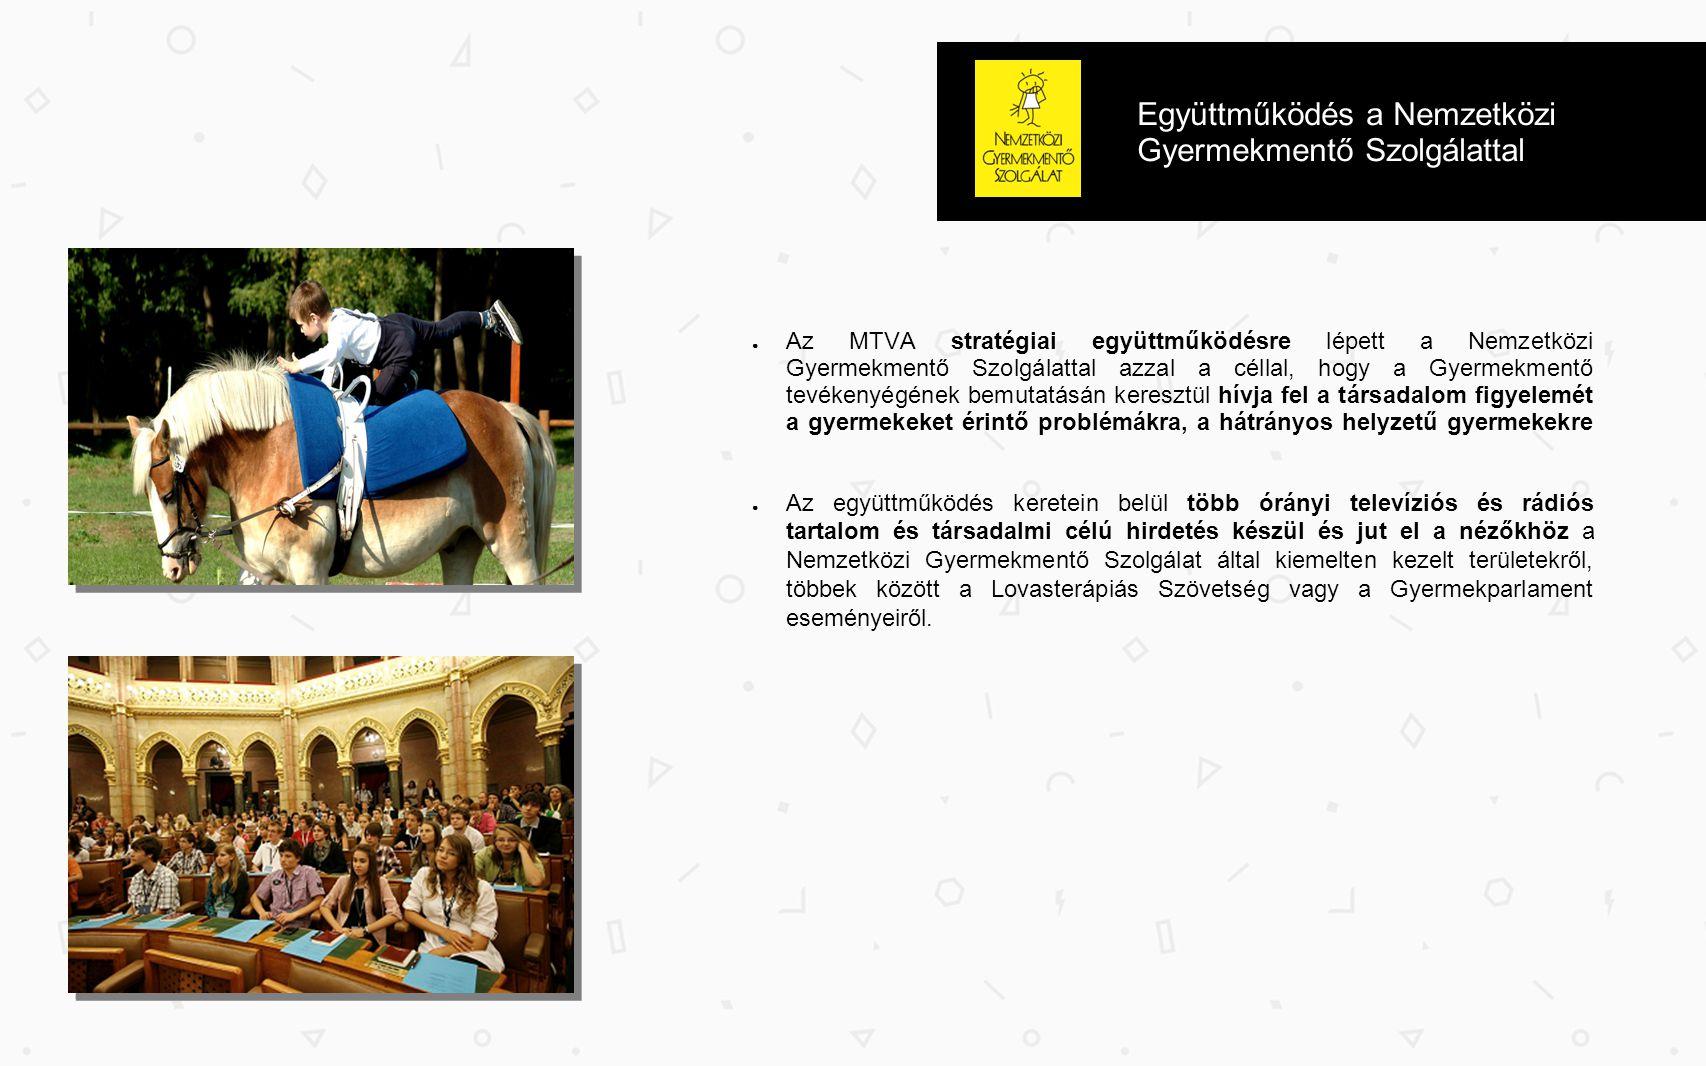 Együttműködés a Nemzetközi Gyermekmentő Szolgálattal